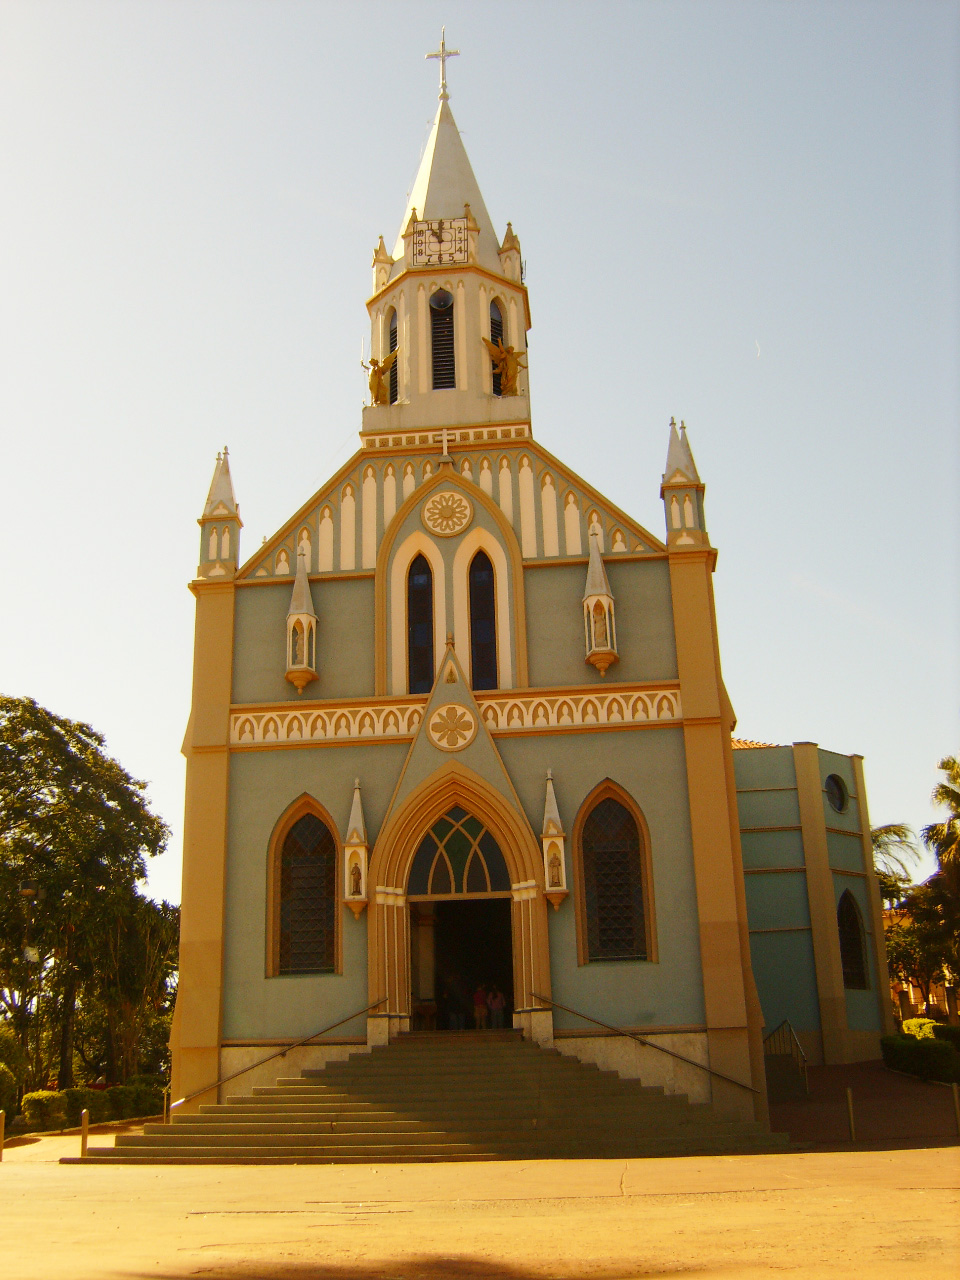 Em Olimpia, Igreja Nossa Senhora Aparecida <a style='float:right' href='https://www3.al.sp.gov.br/repositorio/noticia/N-07-2014/fg164350.jpg' target=_blank><img src='/_img/material-file-download-white.png' width='14px' alt='Clique para baixar a imagem'></a>